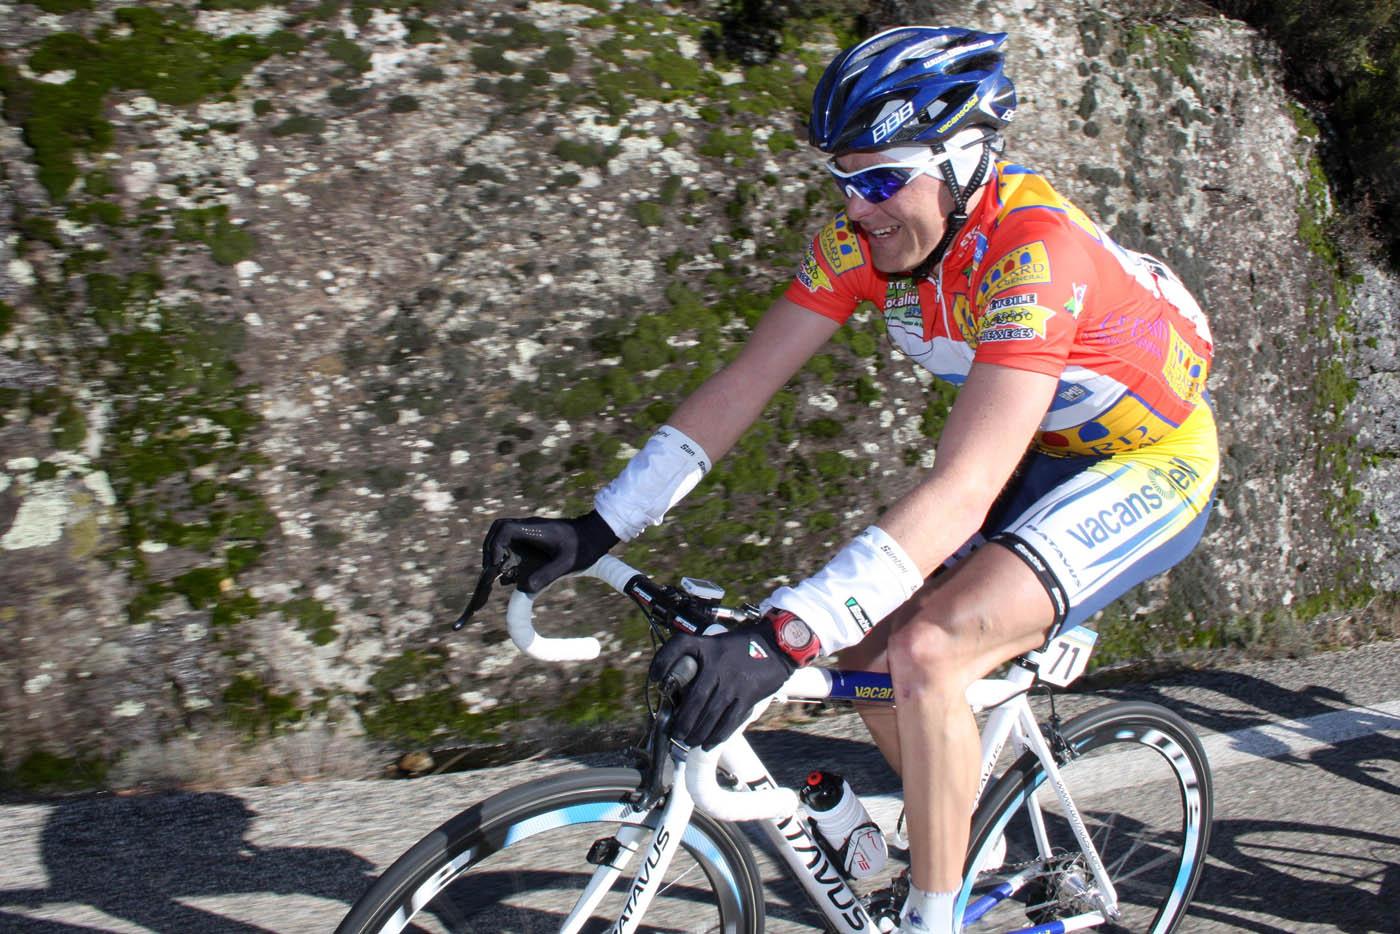 Borut Bozic, Etoile de Besseges 2010, stage 4